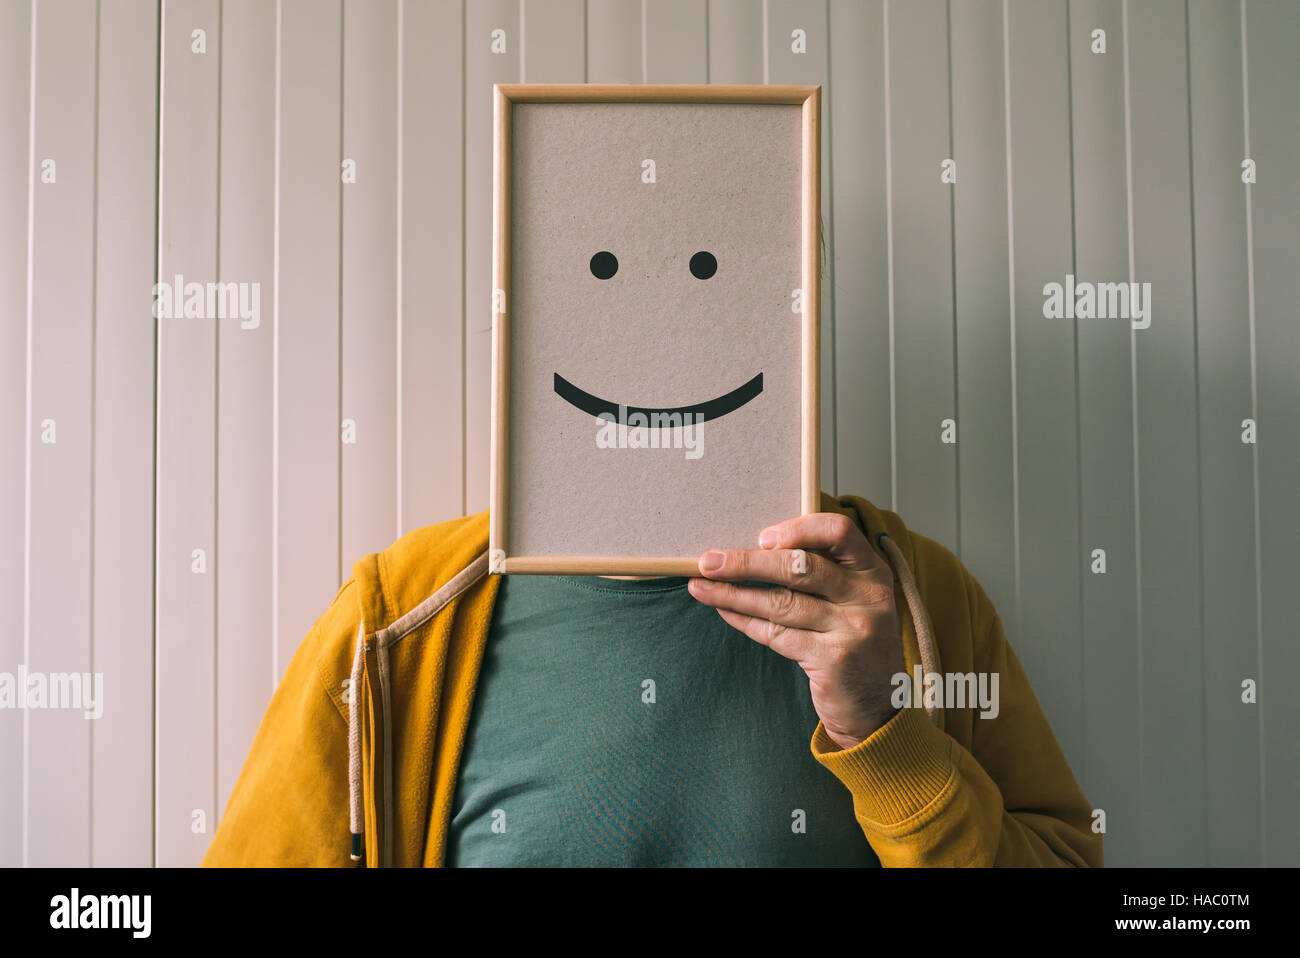 Mettre un visage heureux, sur le bonheur et les émotions gaies concept, man holding photo frame avec imprimé Photo Stock